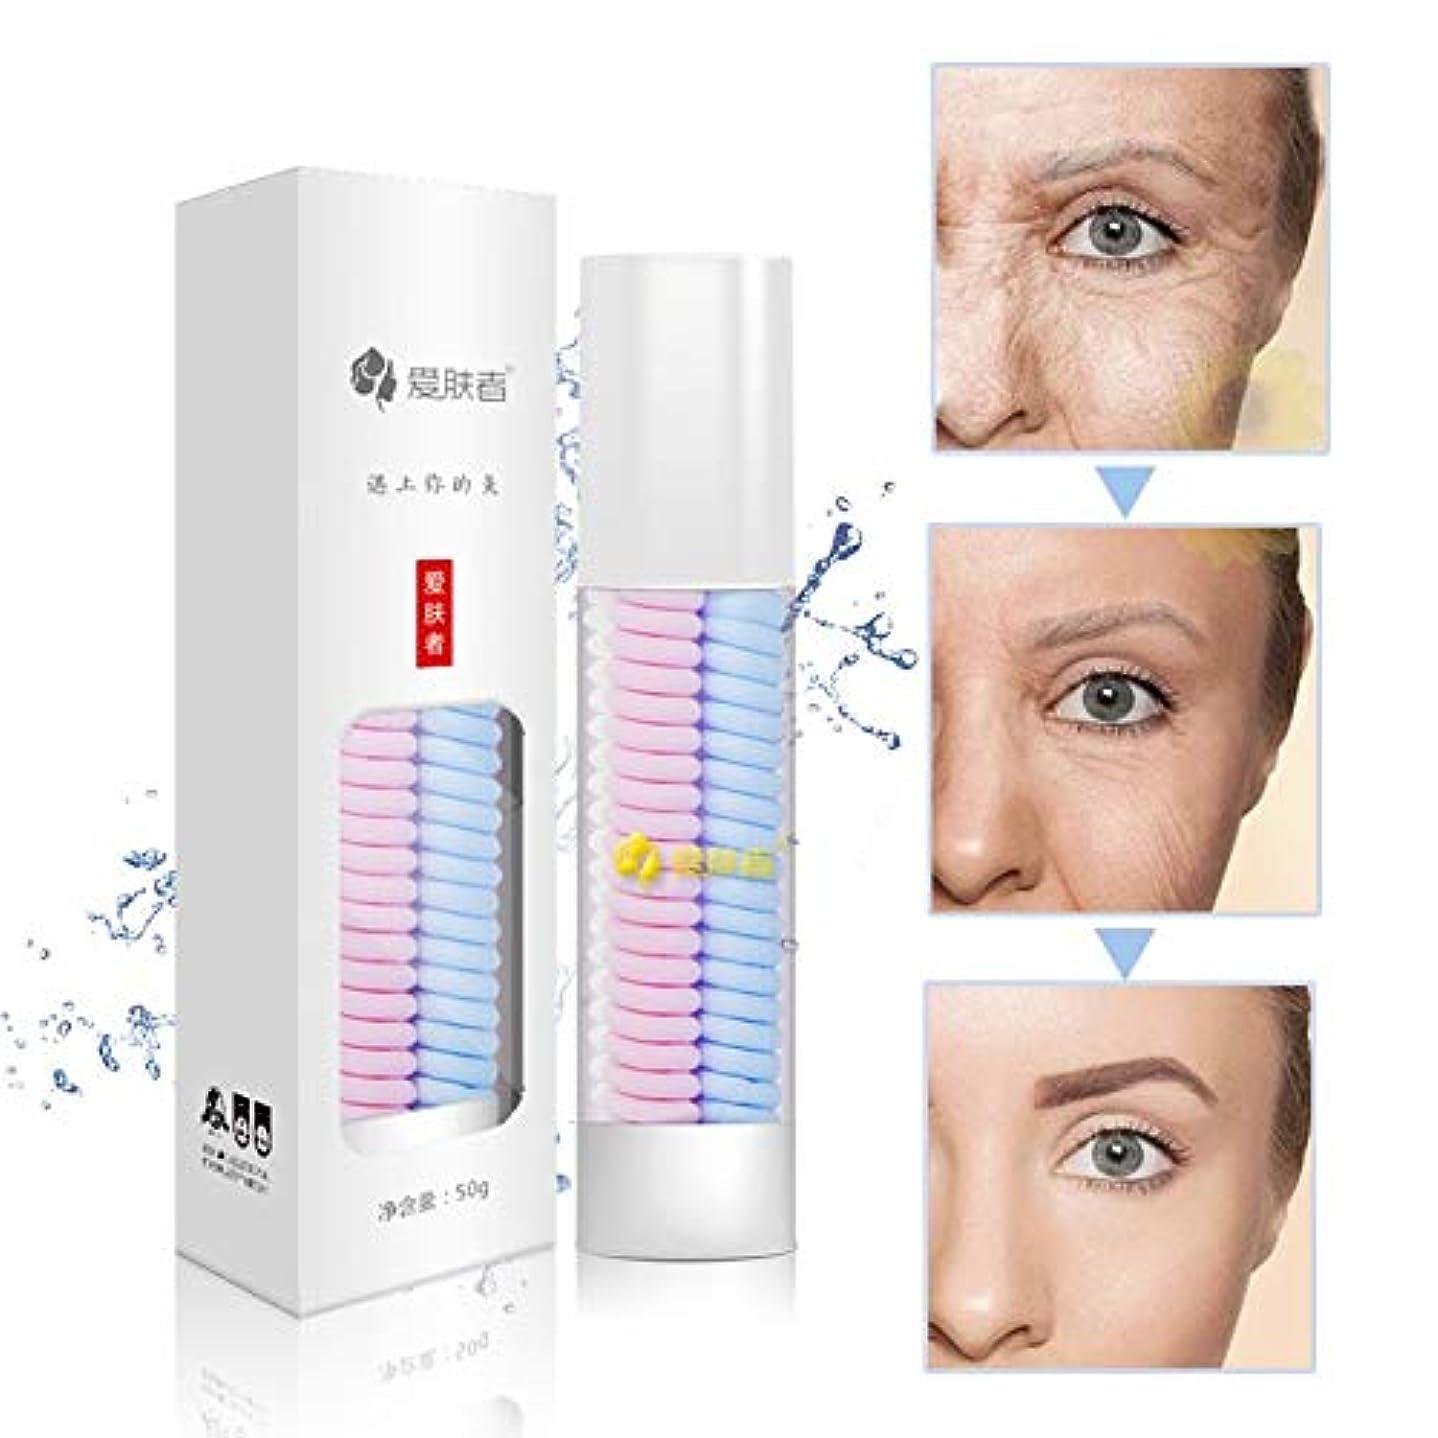 習字戦闘受動的保湿顔寧クリームの電子抗しわ年齢ケアのRIR cremasはhidratante顔面edad抗faciales